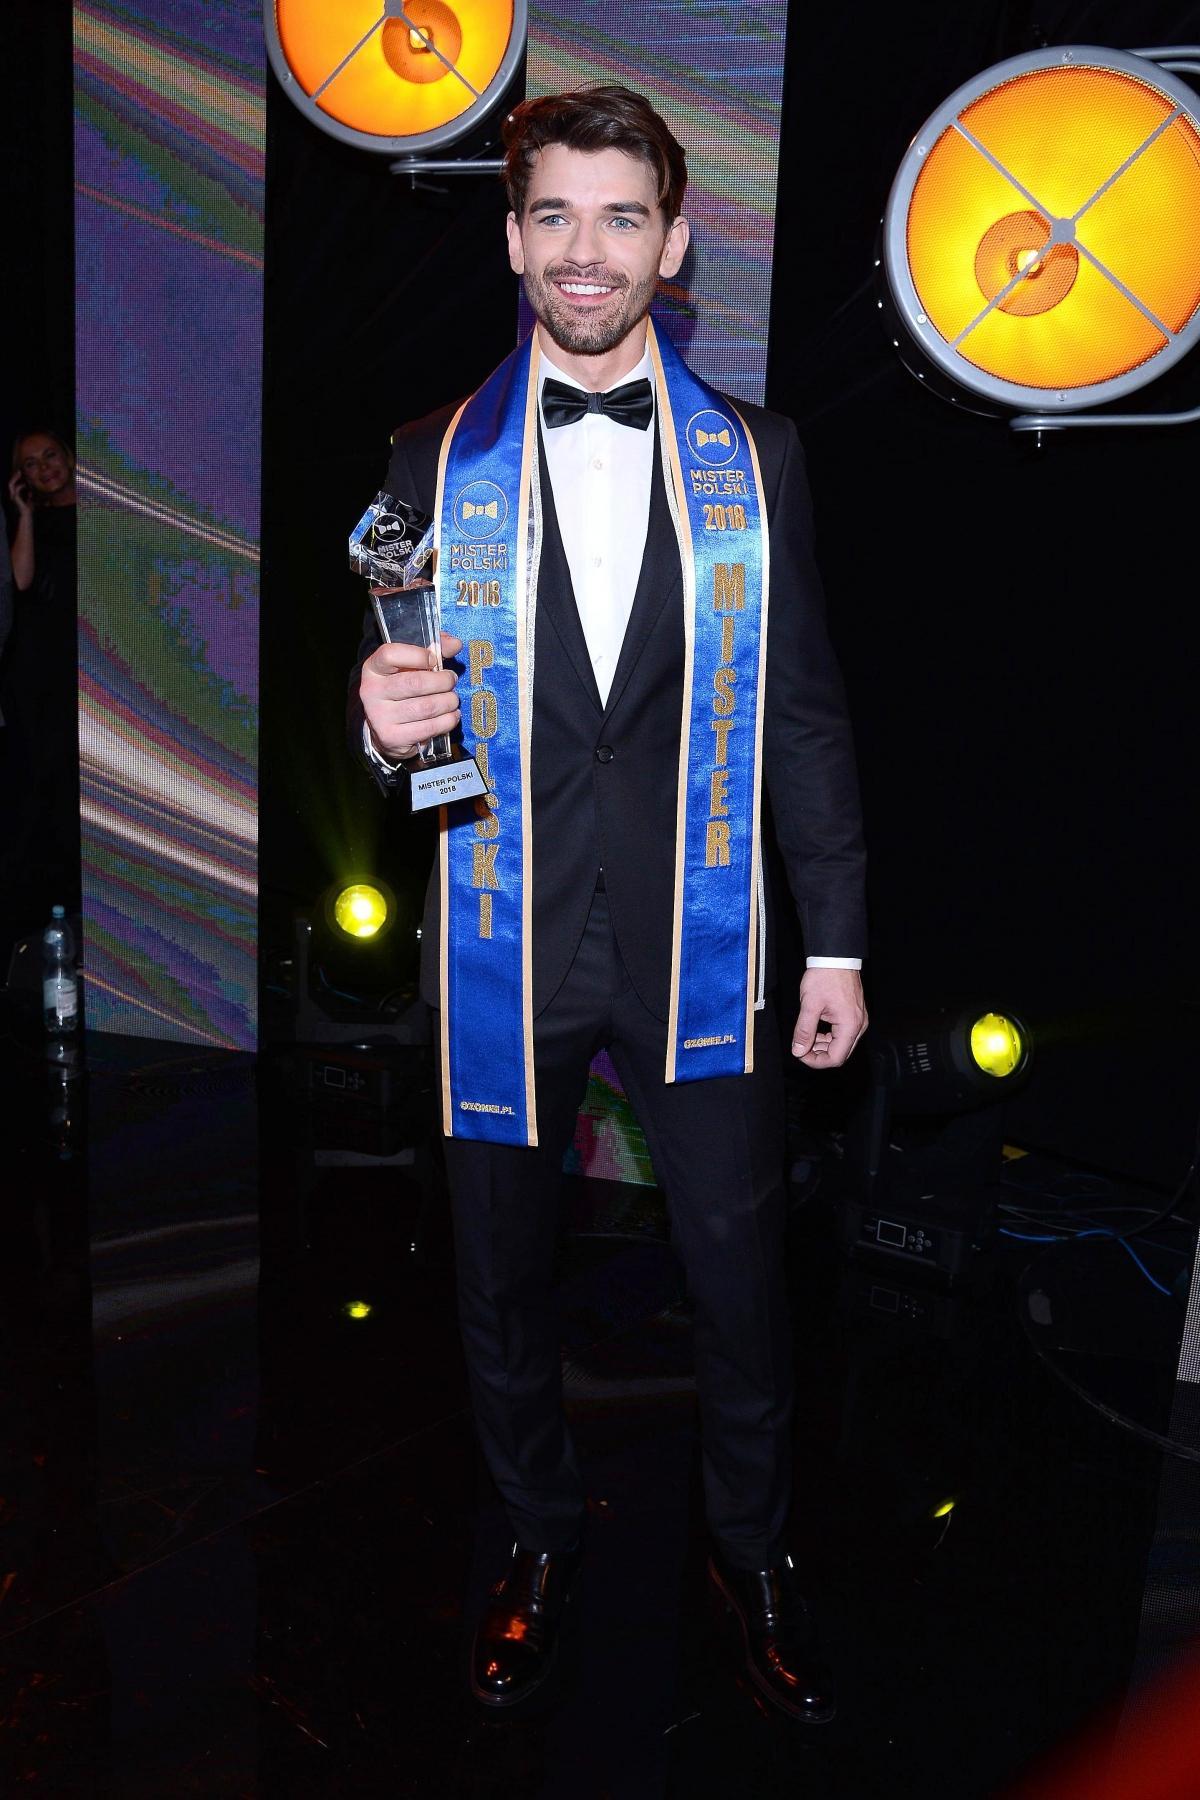 Tomasz Zarzycki - Mister Polski 2018